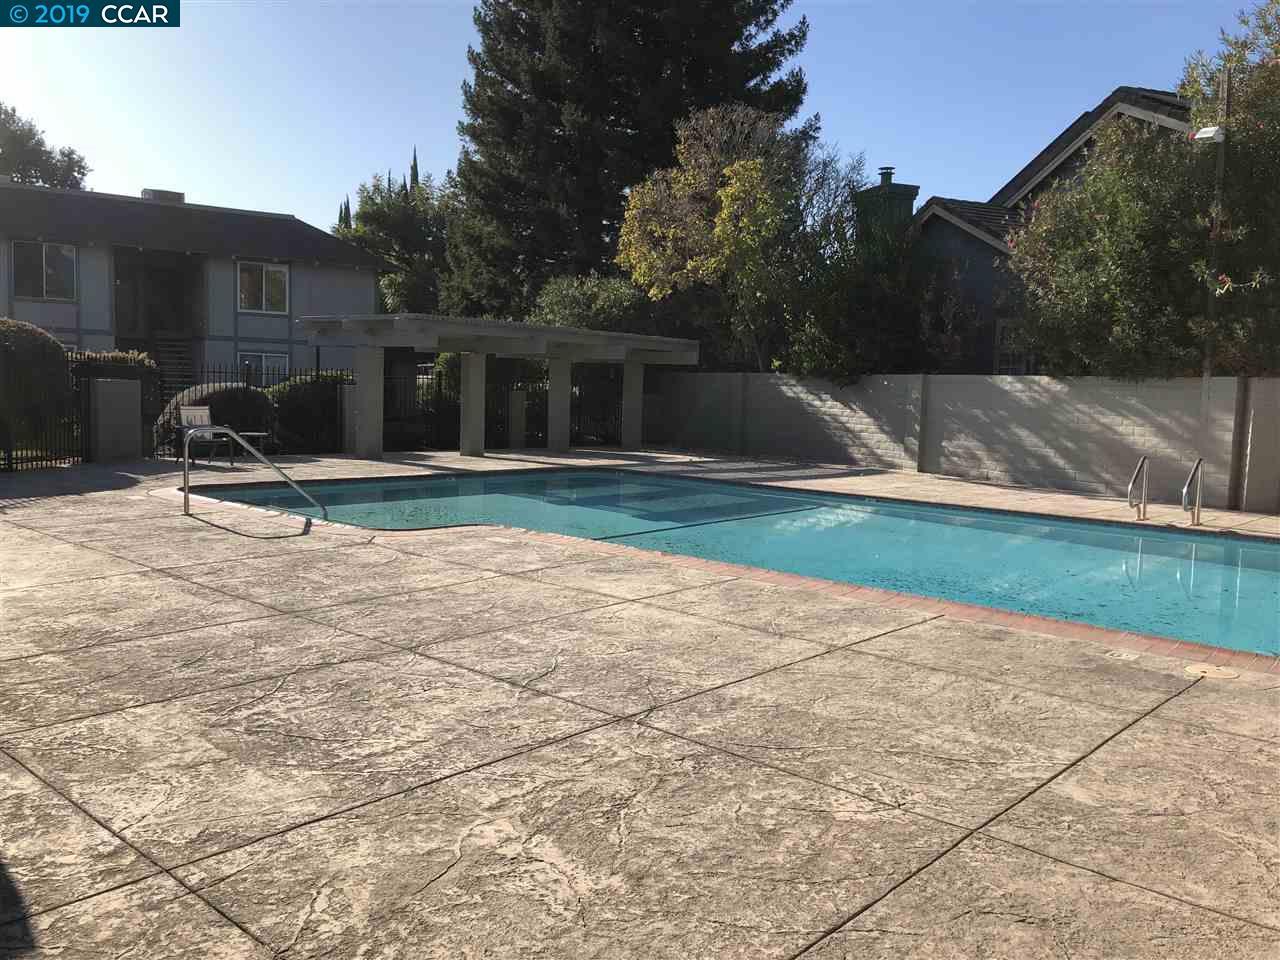 825 #29 Oak Grove Rd Concord, CA 94518